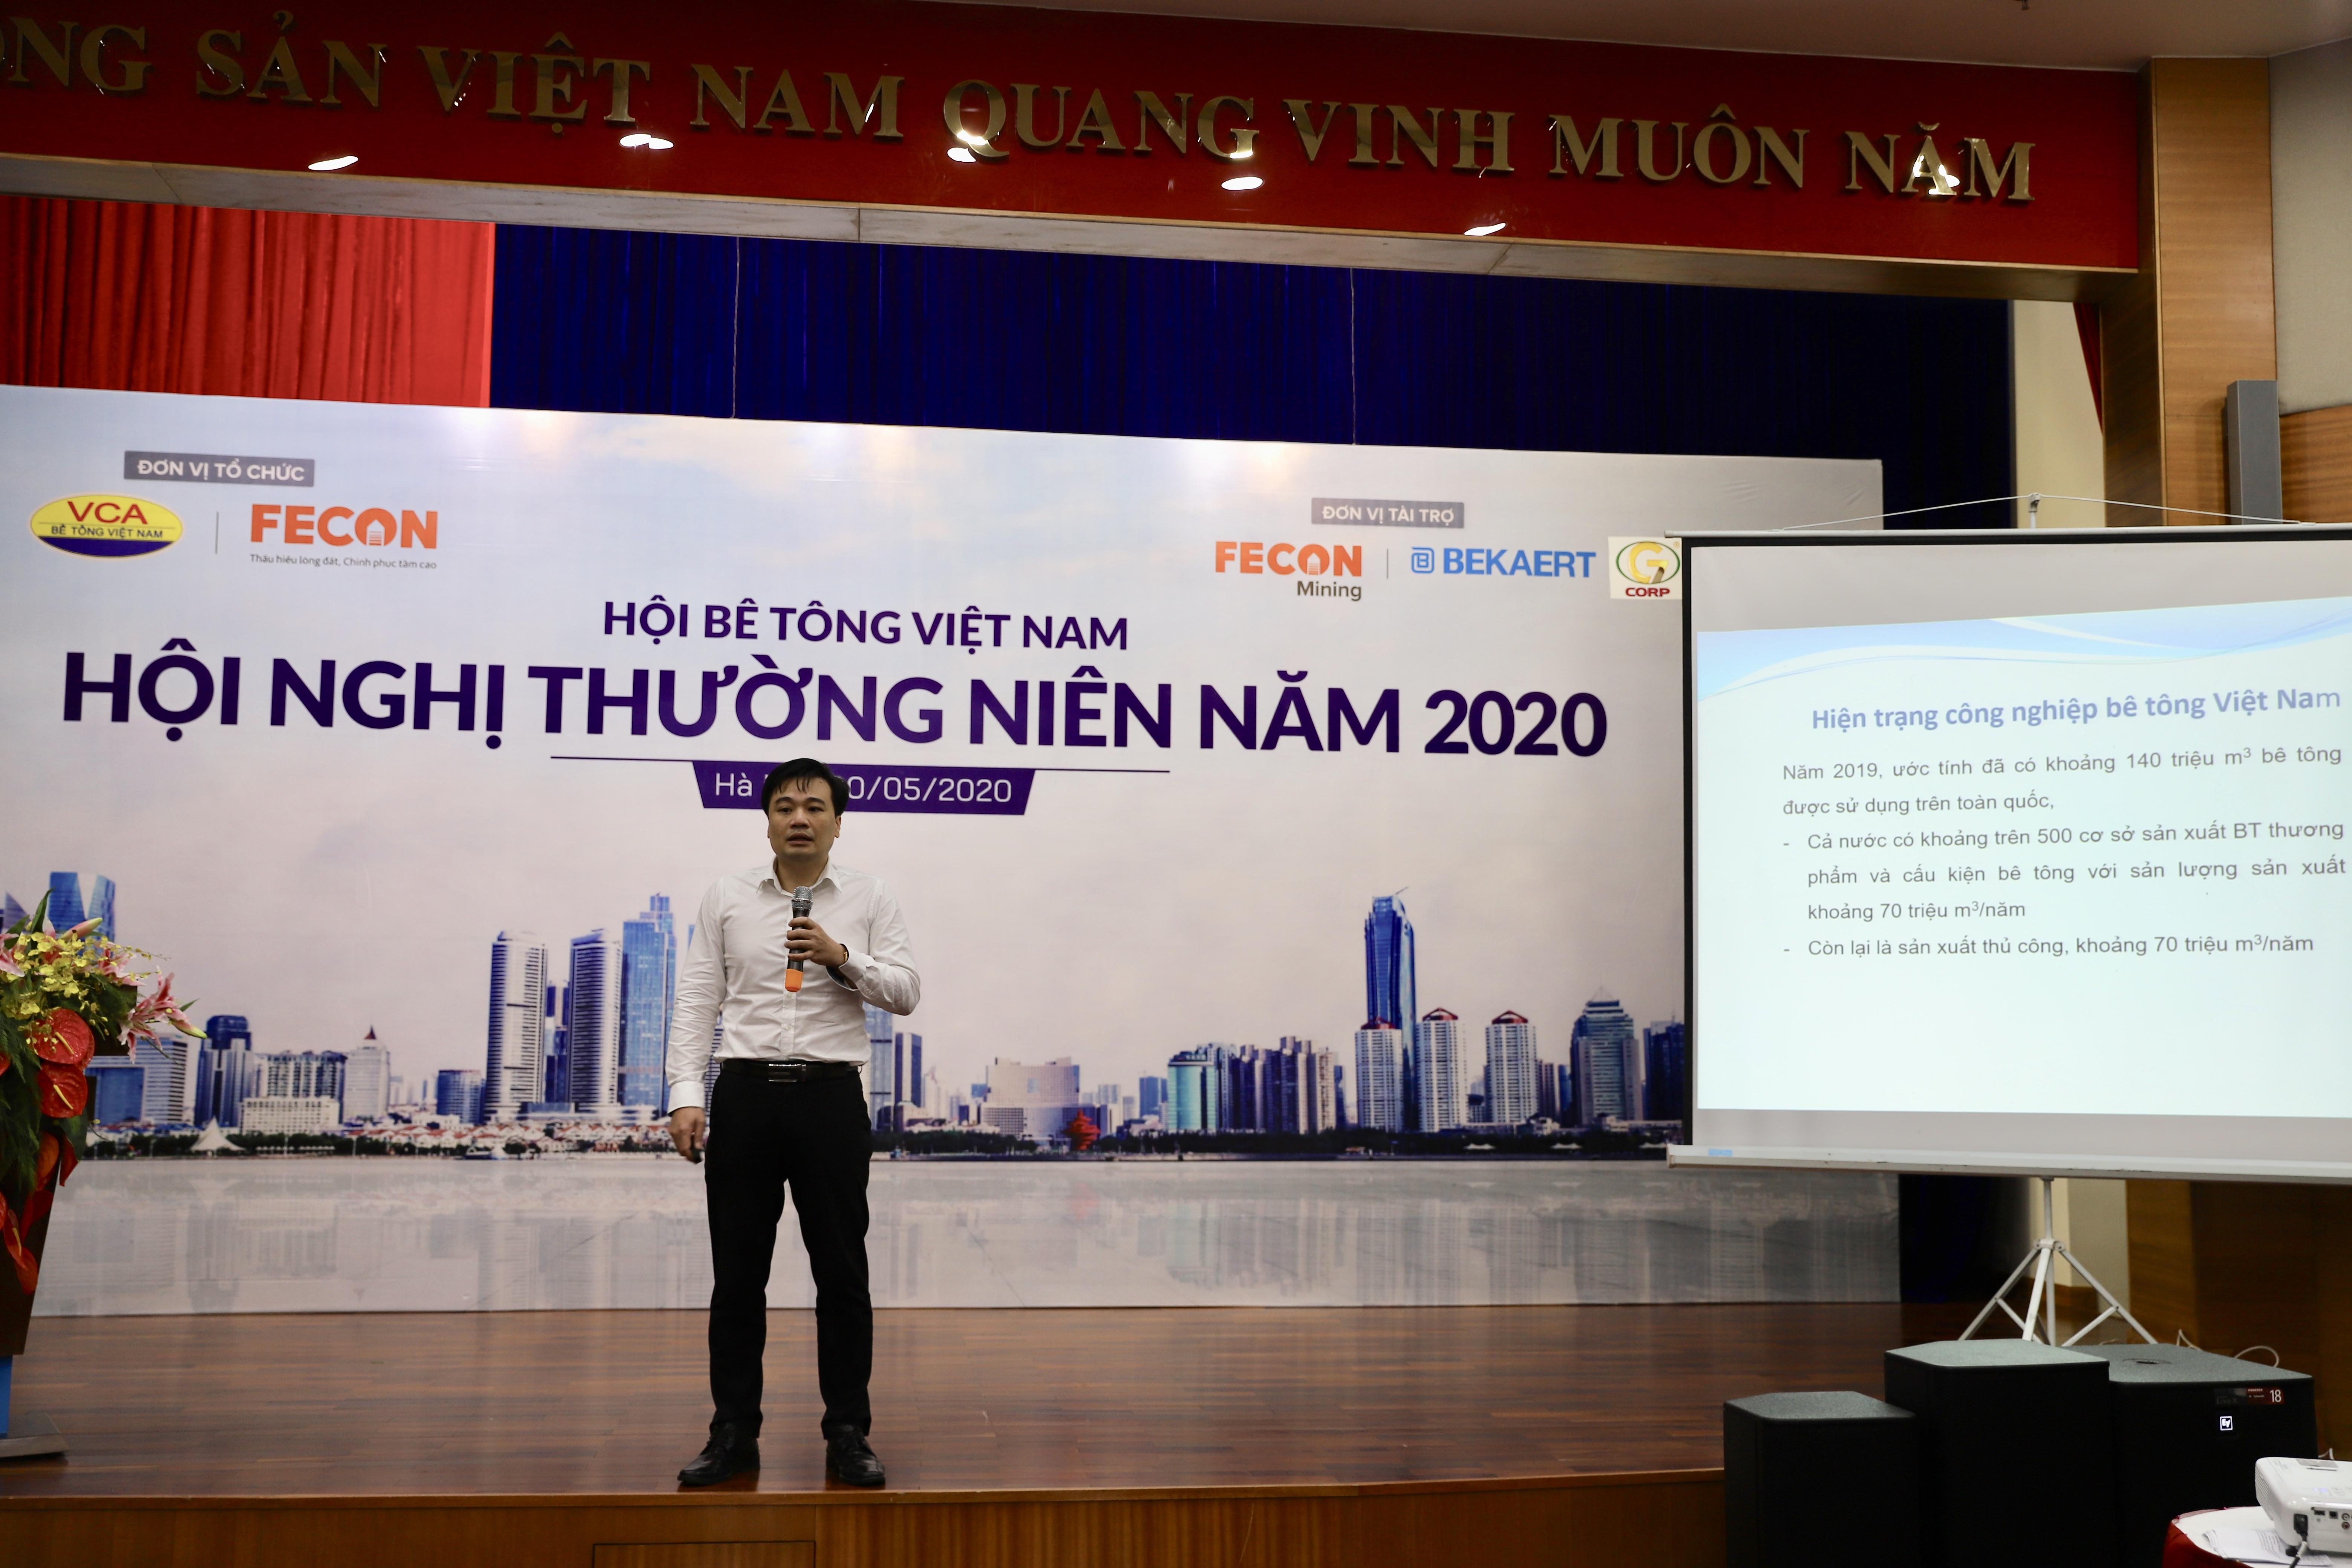 TS Hoàng Minh Đức - Viện Khoa học công nghệ xây dựng chia sẻ về các tiêu chuẩn quốc gia về bê tông và vật liệu xây dựng tại Việt Nam. Ảnh: BTC